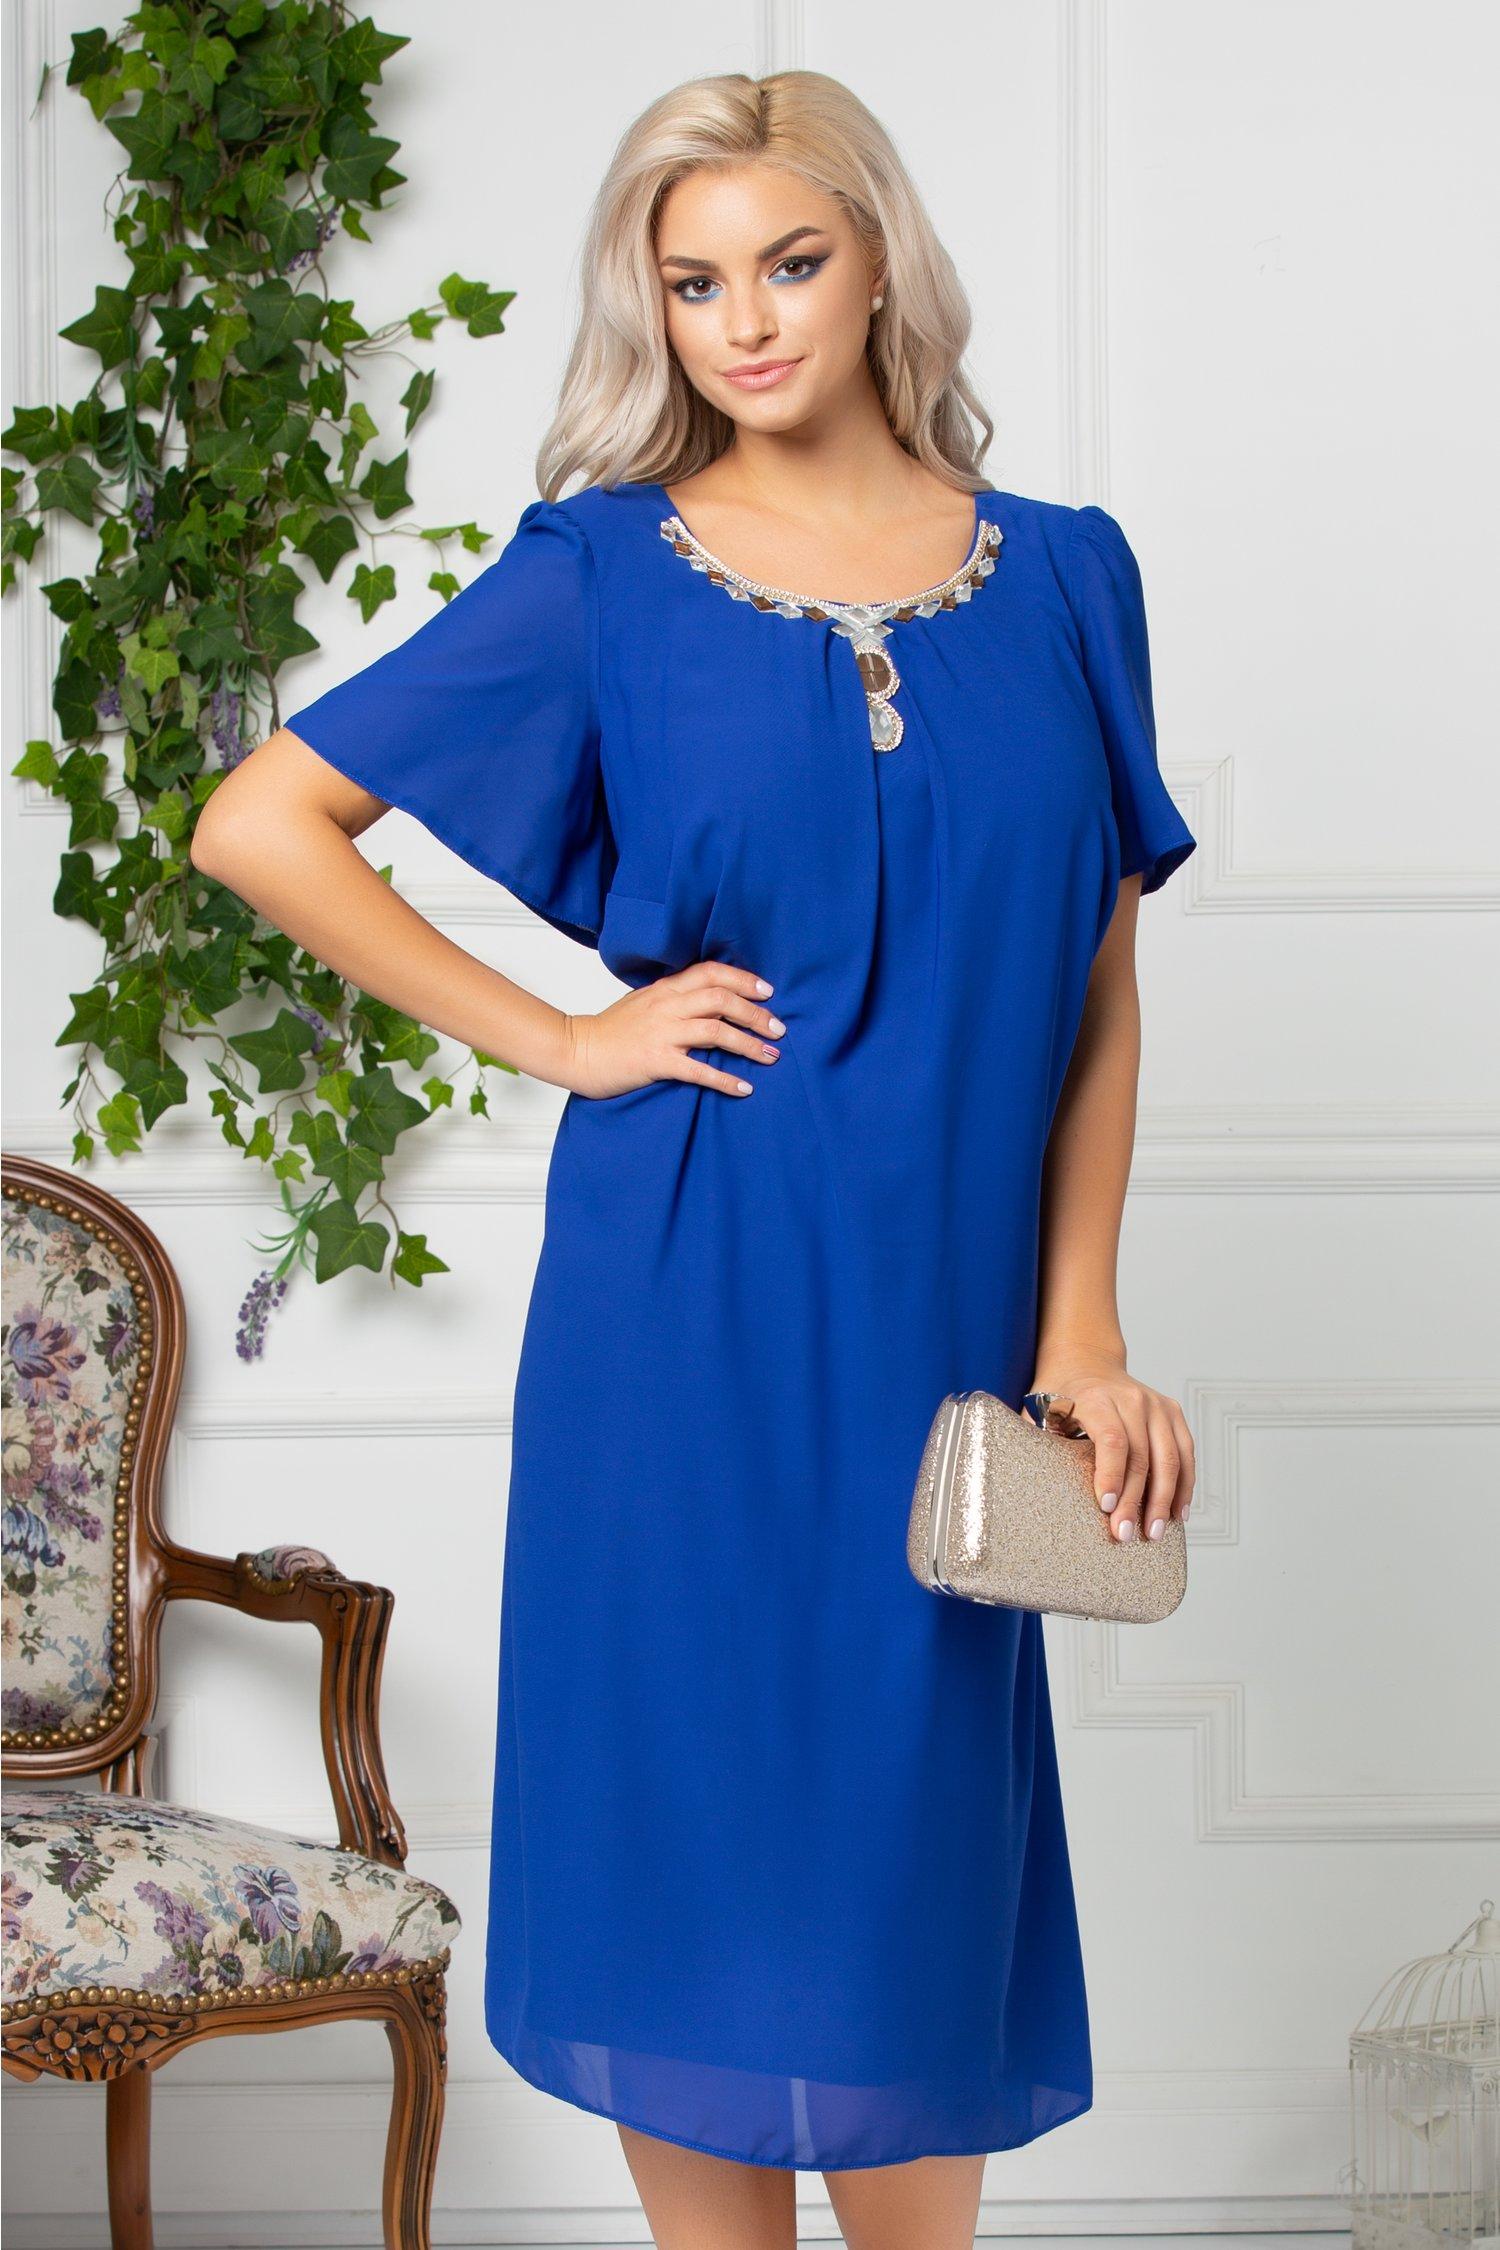 Rochie Hanna albastra de ocazie cu aplicatie pretioasa la guler